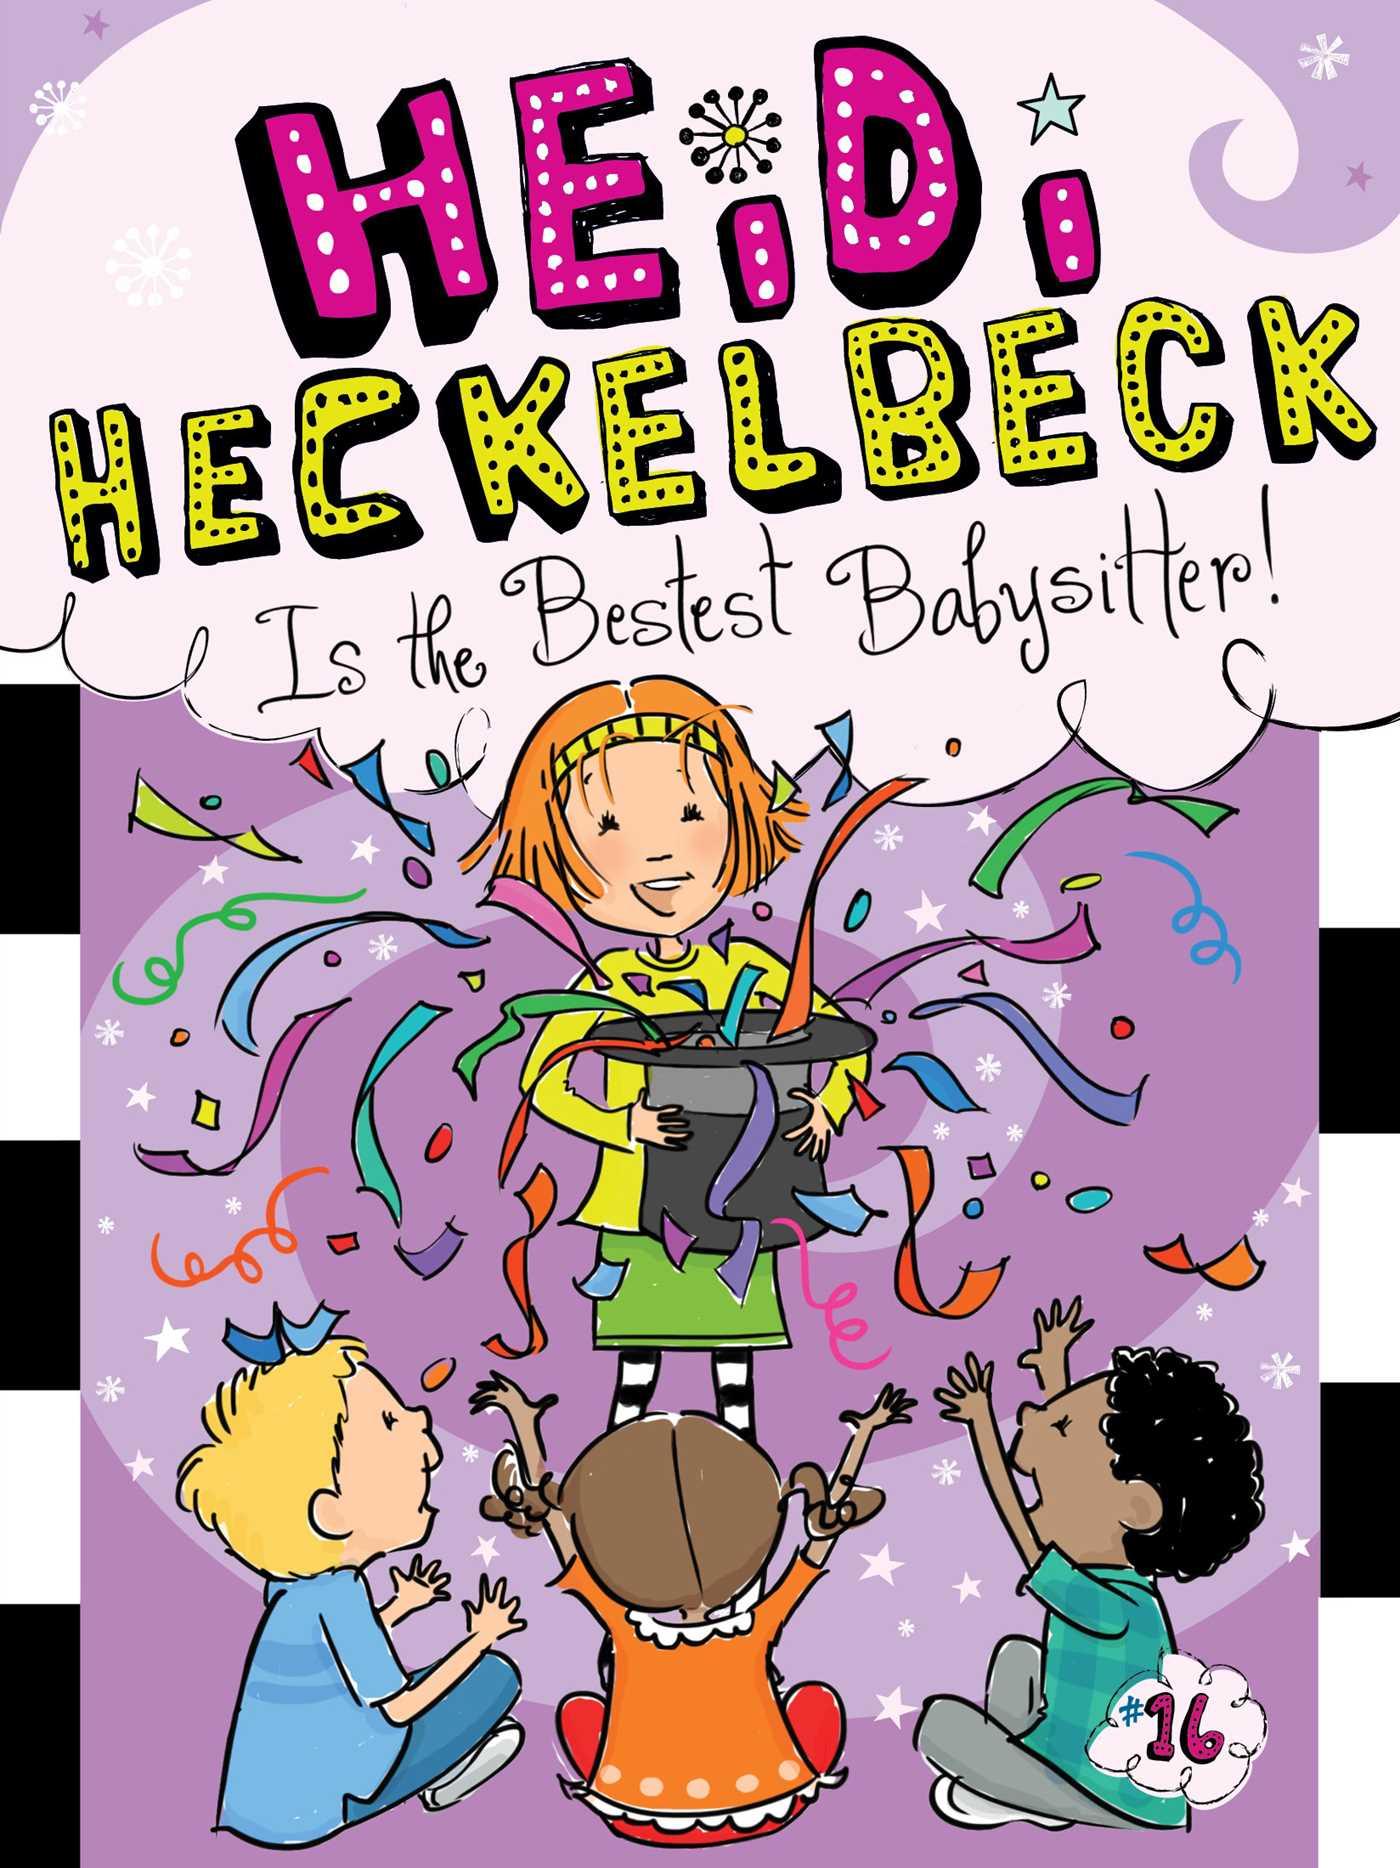 Heidi heckelbeck is the bestest babysitter 9781481446303 hr